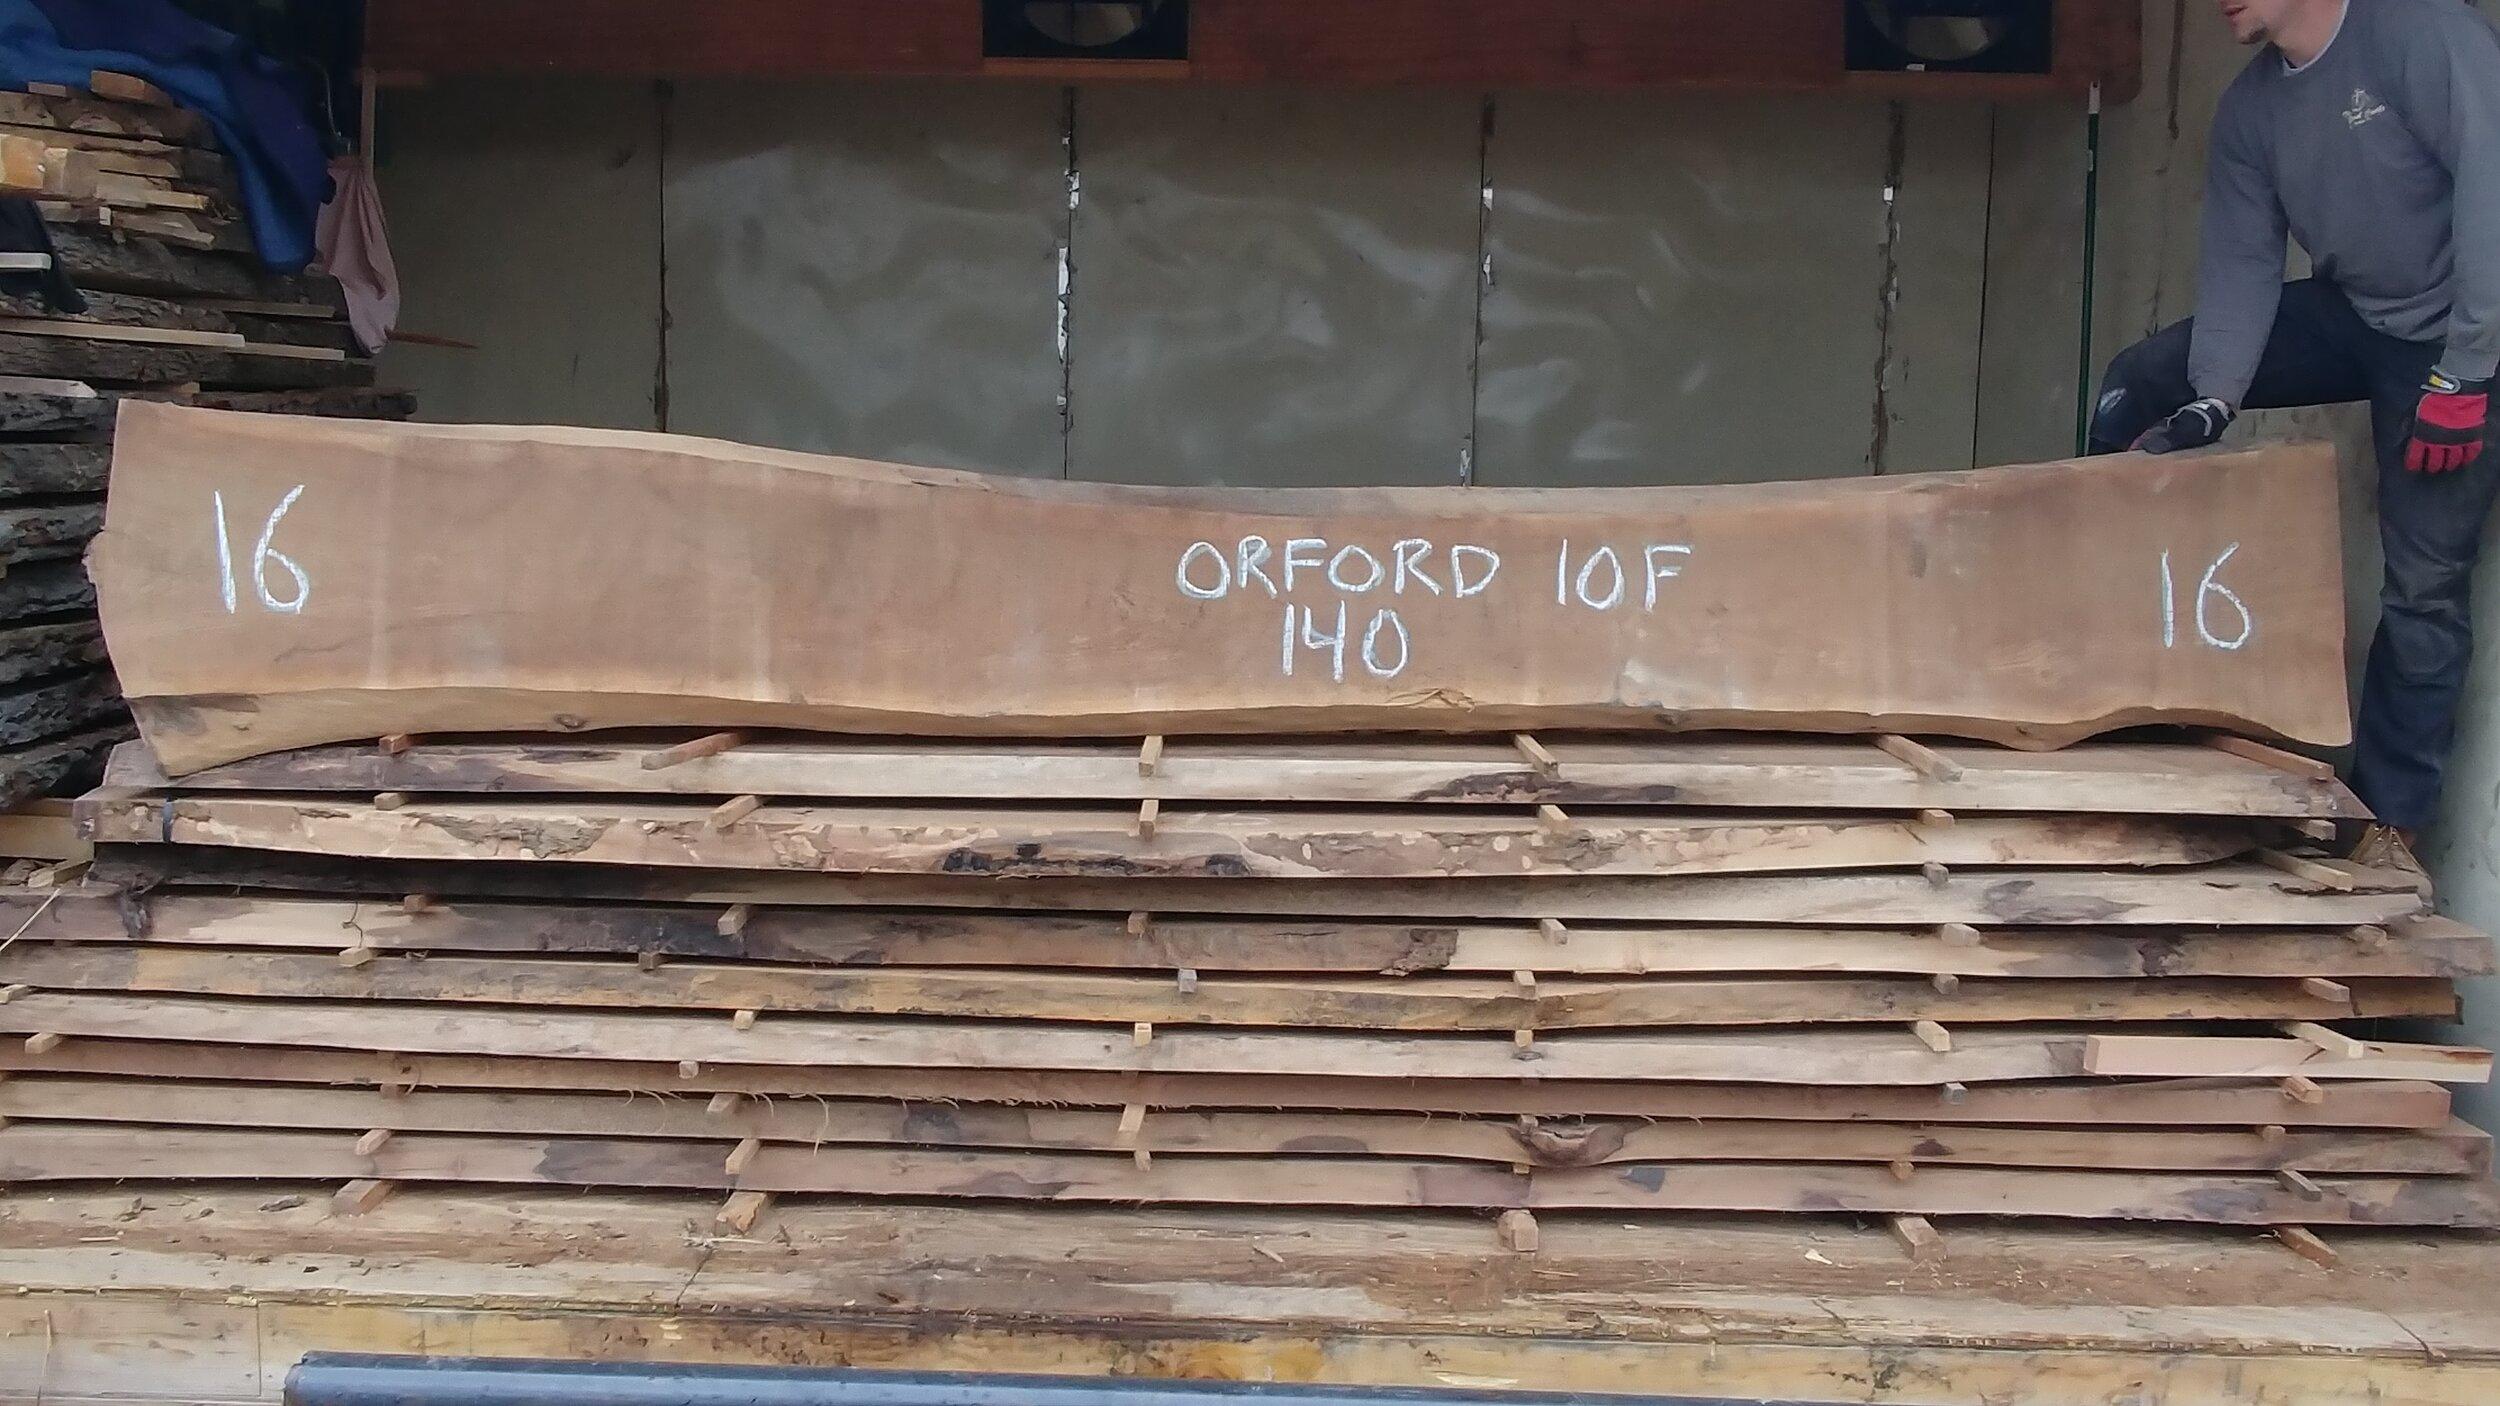 Orford 10F.jpg